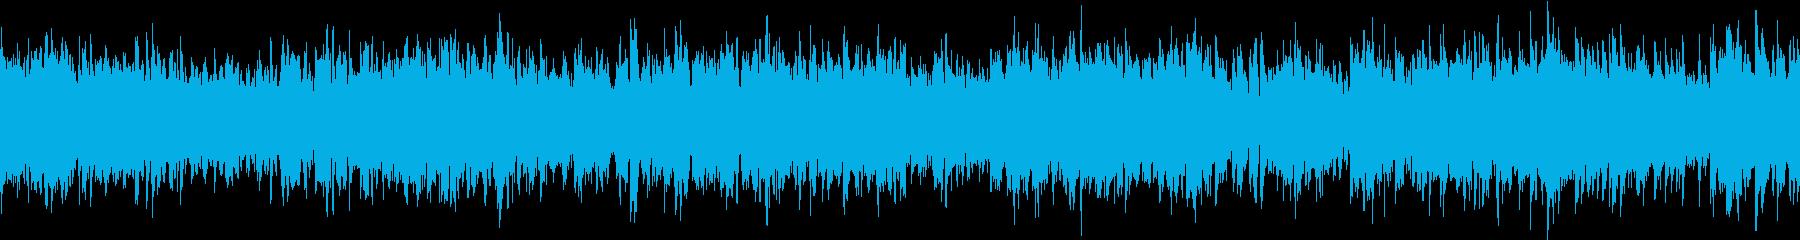 壮大な宇宙 プラネタリウムの再生済みの波形